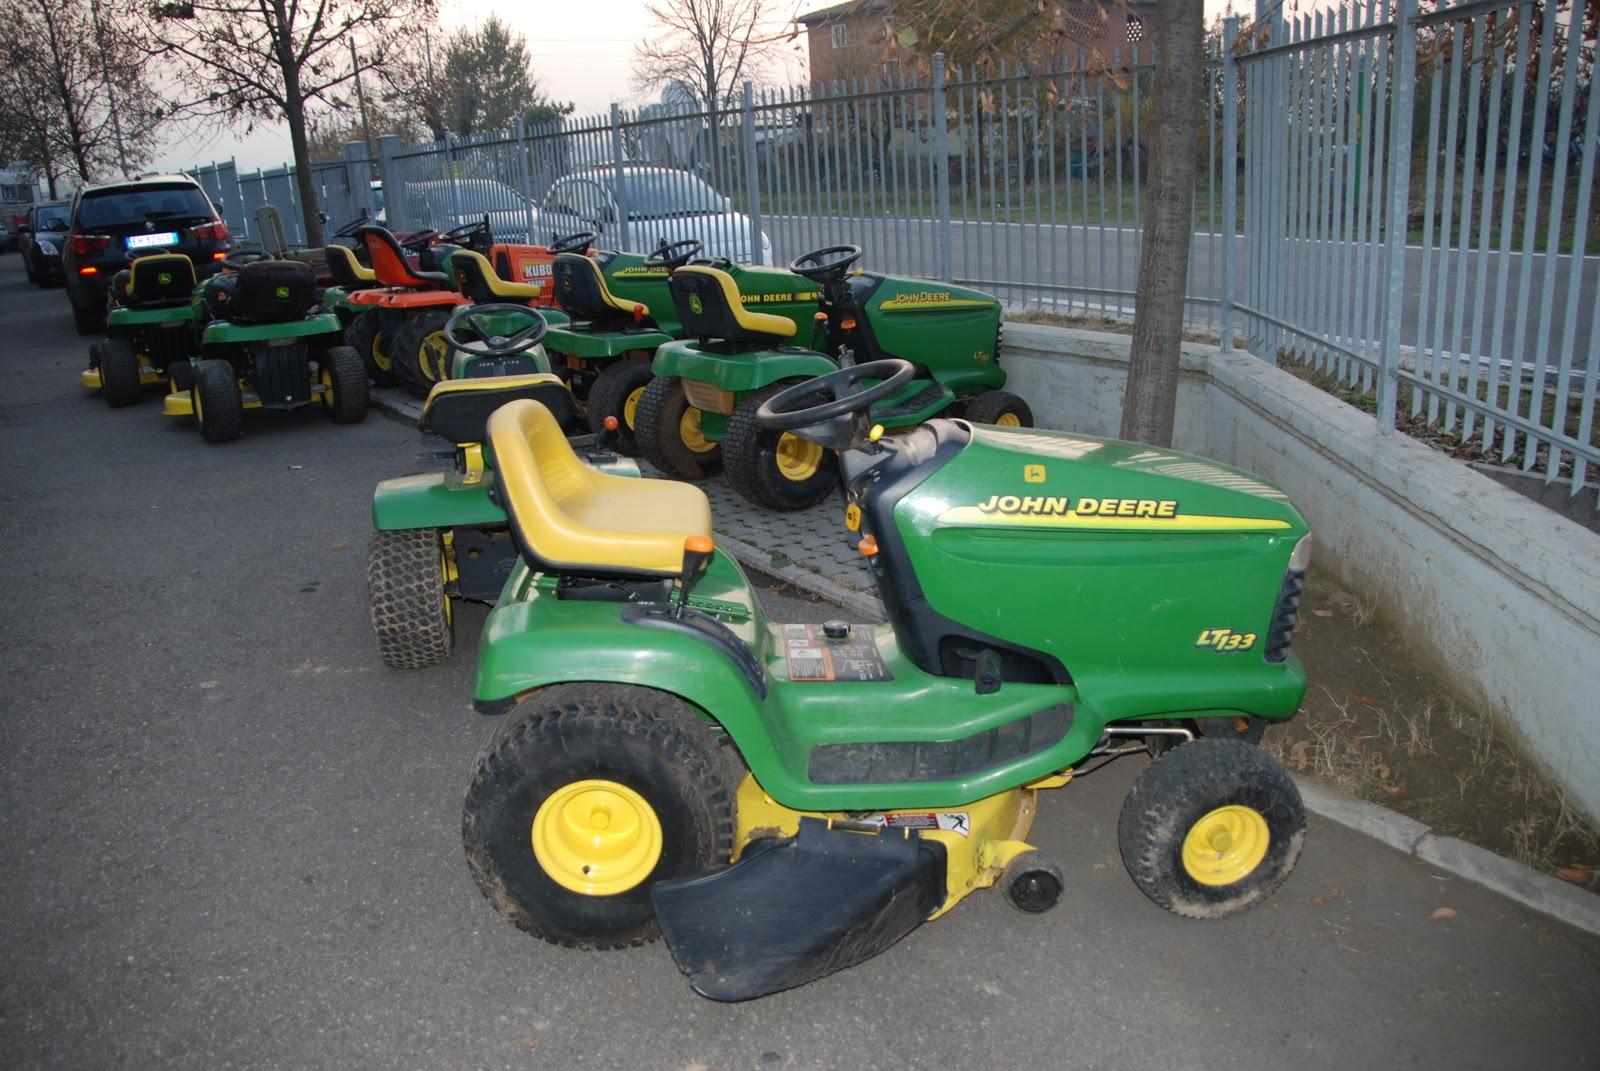 Tractor garden formigine i trattorini rasaerba usati for Cerco john deere usato